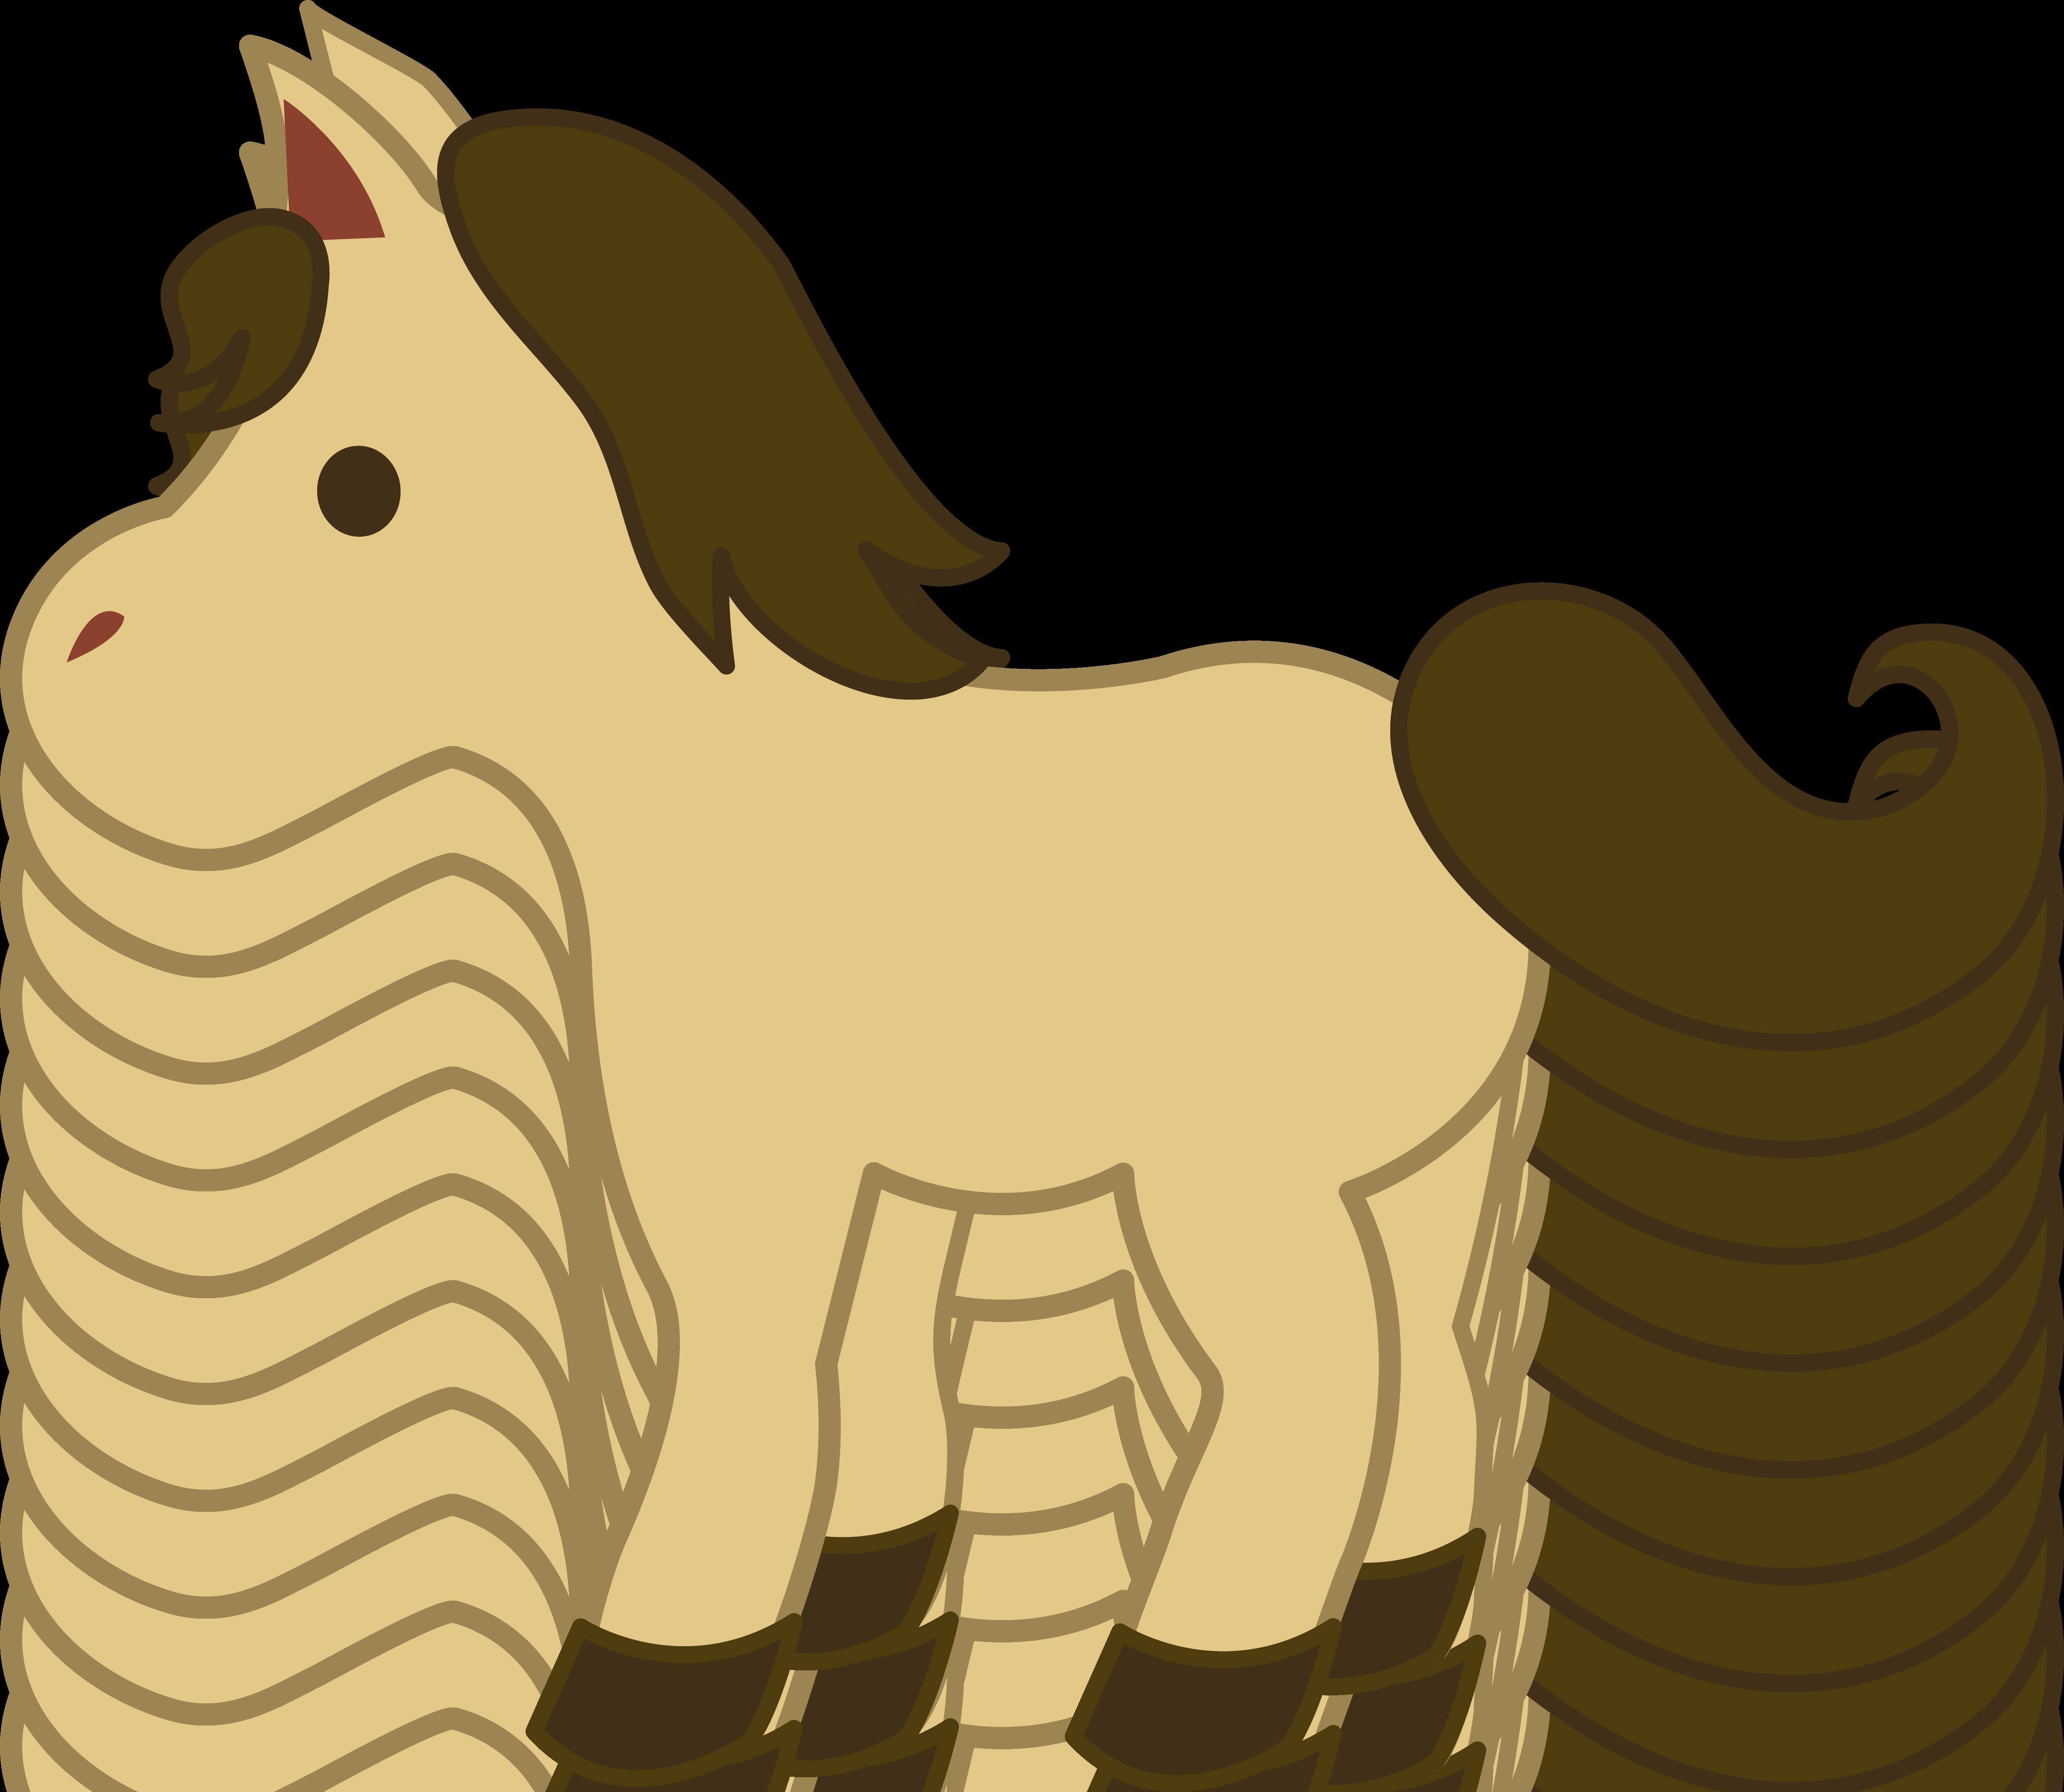 pony clip art free clipart panda free clipart images pony clip art free pony clipart spotted pony